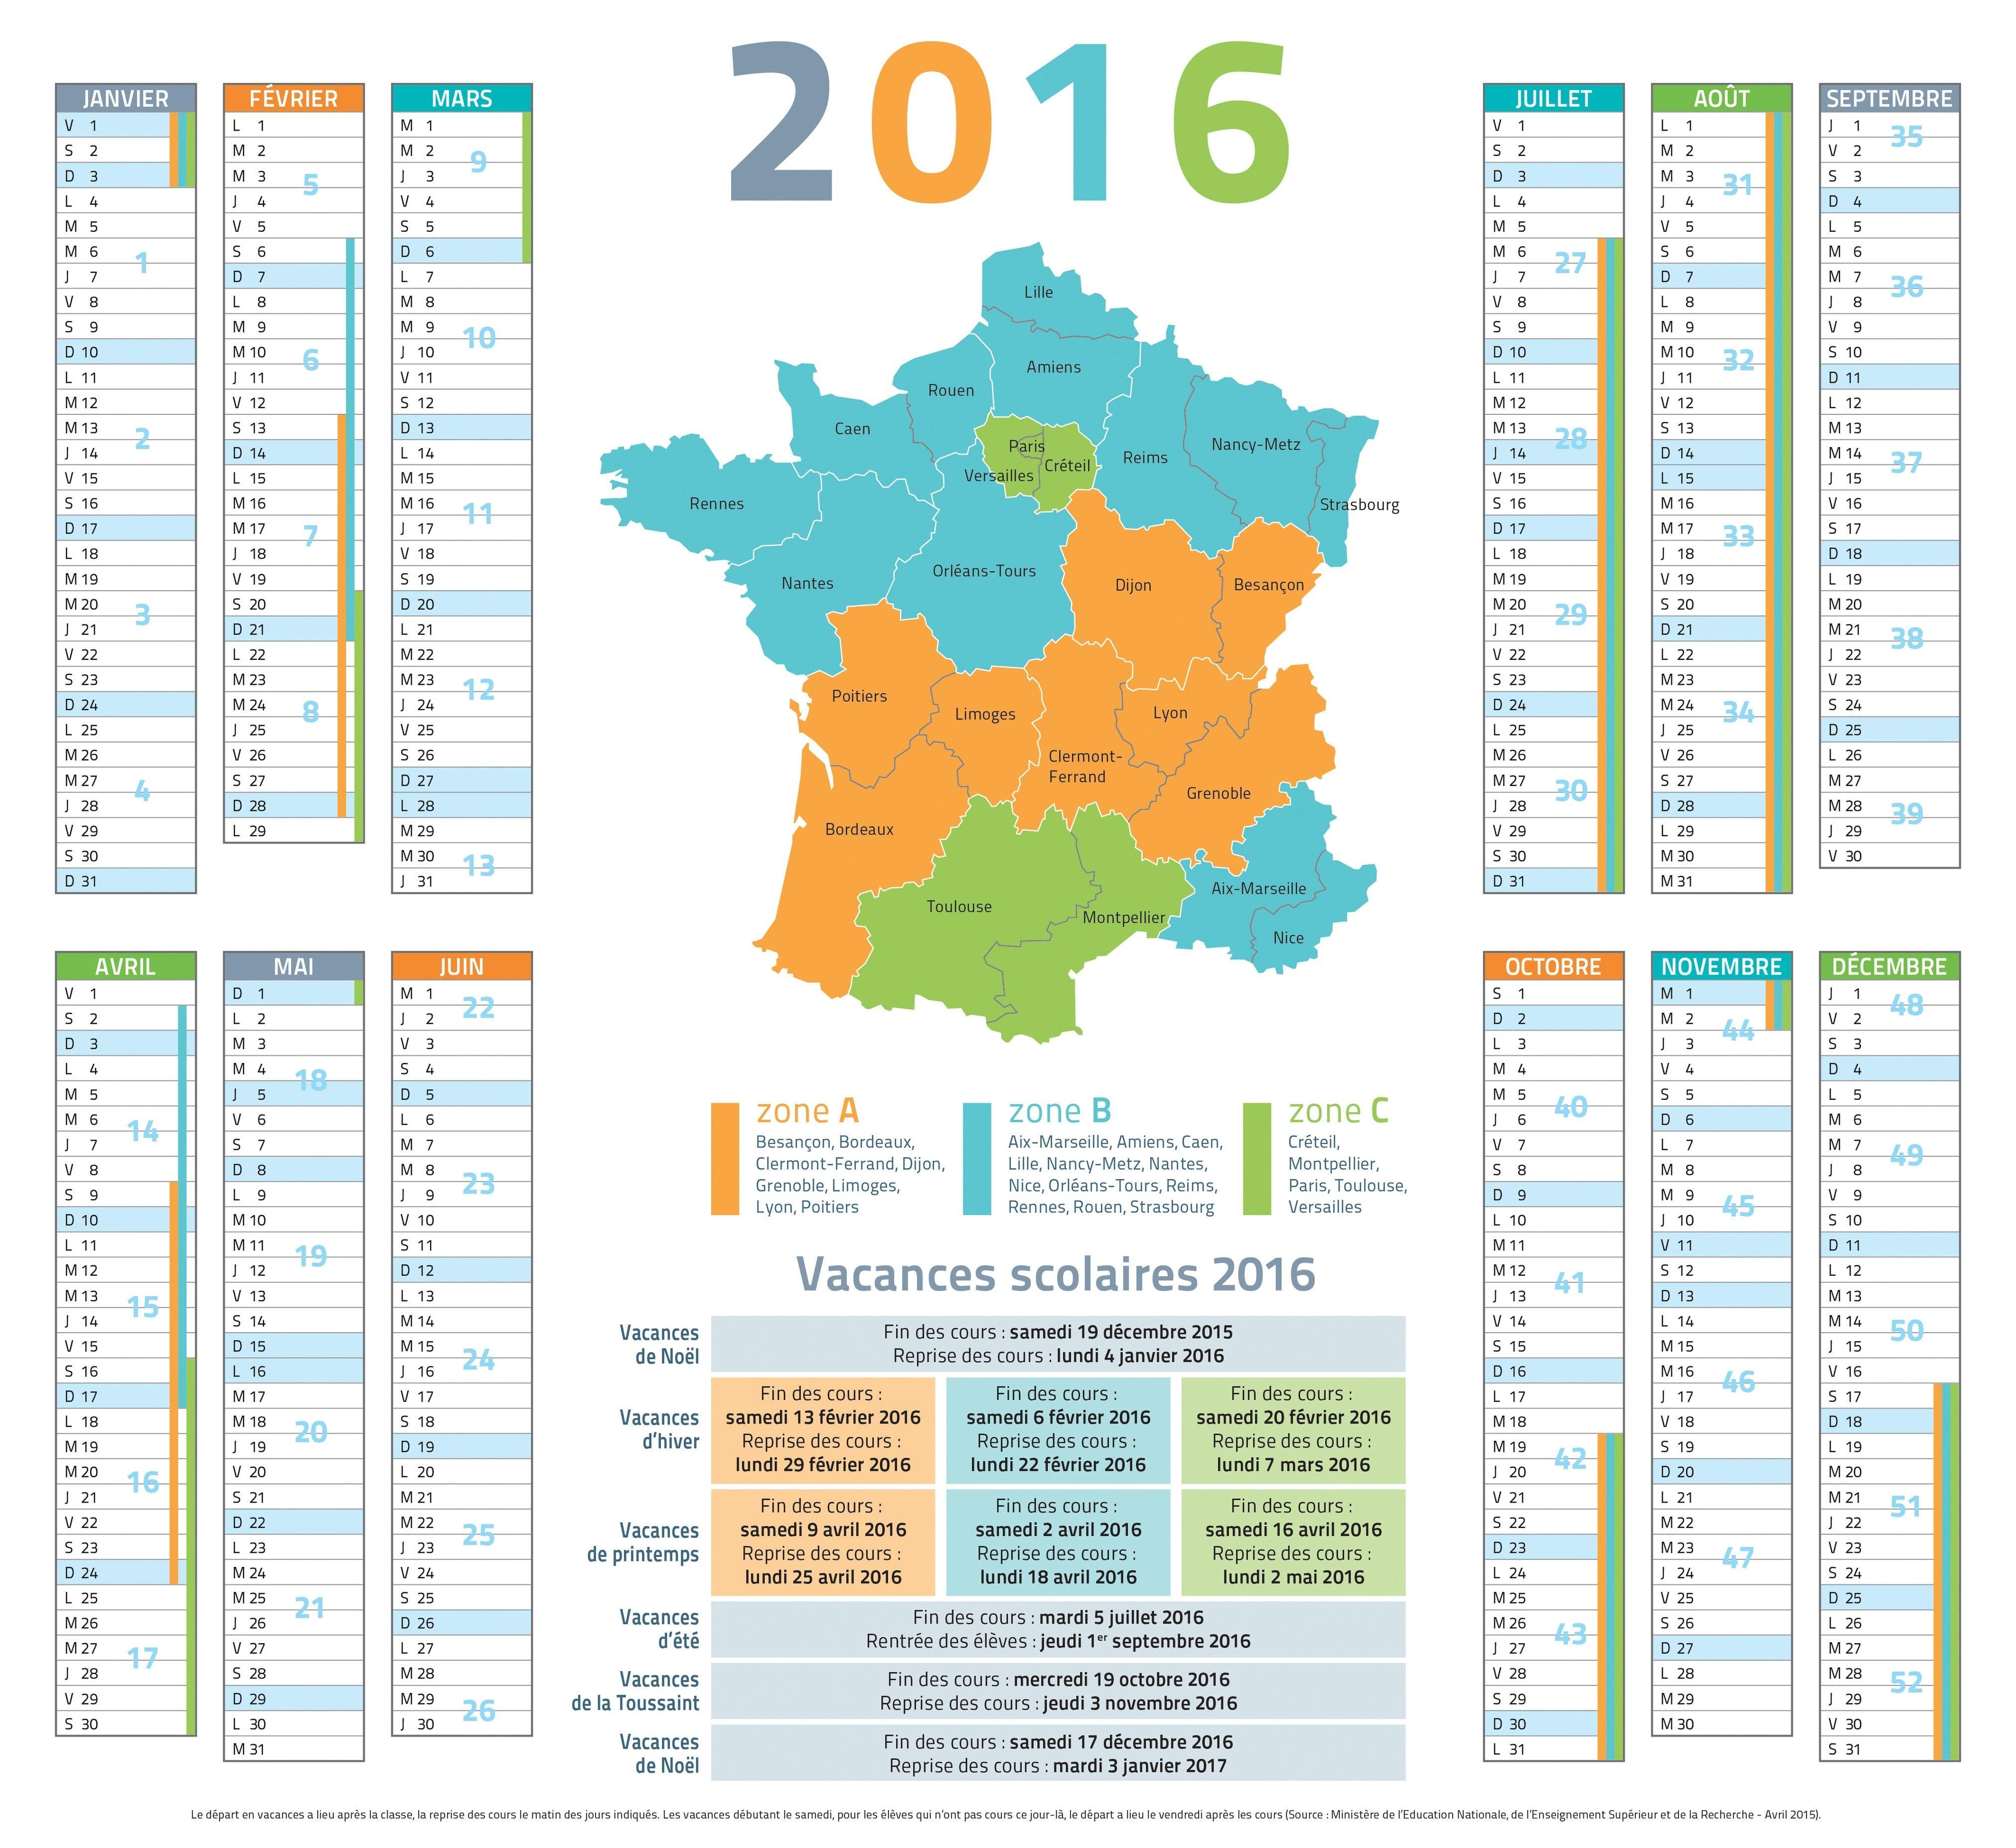 Vacances scolaires 2019 dates calendrier officiel 2018 2019 par zone vacances scolaires - Date vacances de paques 2017 ...